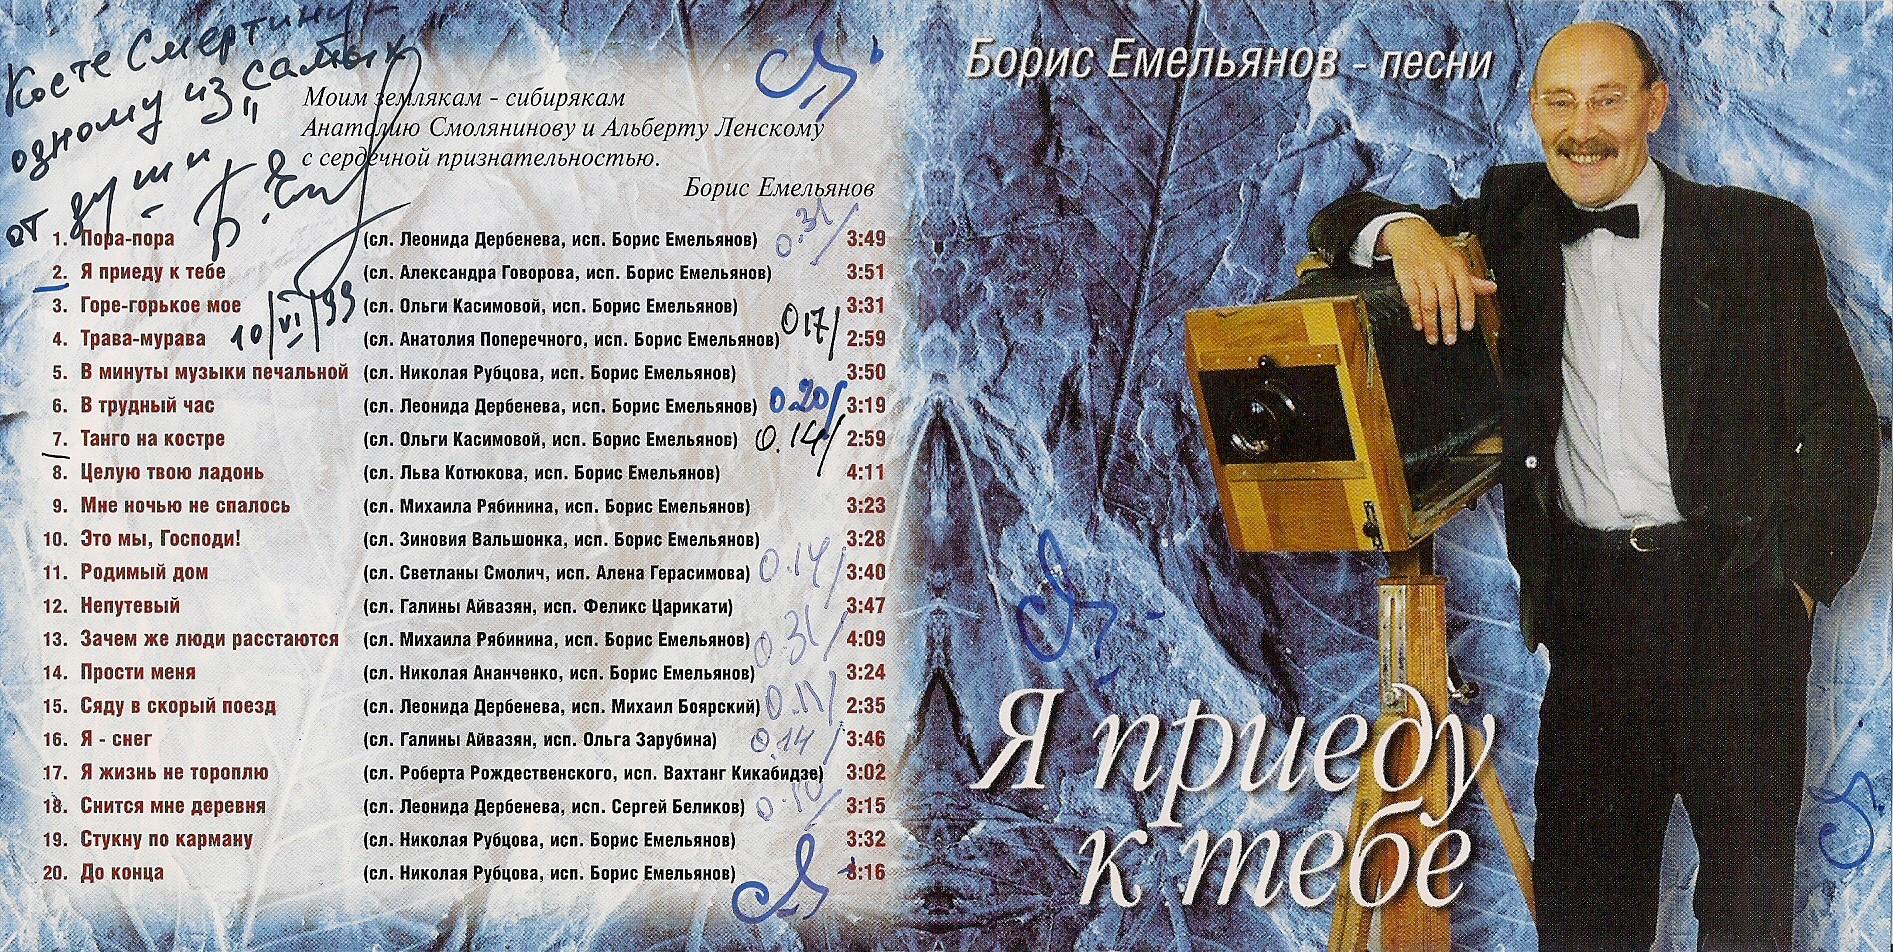 Название: _Эти песни Б.Емельянова  звучали на Маяке.jpg Просмотров: 76  Размер: 1.03 Мб